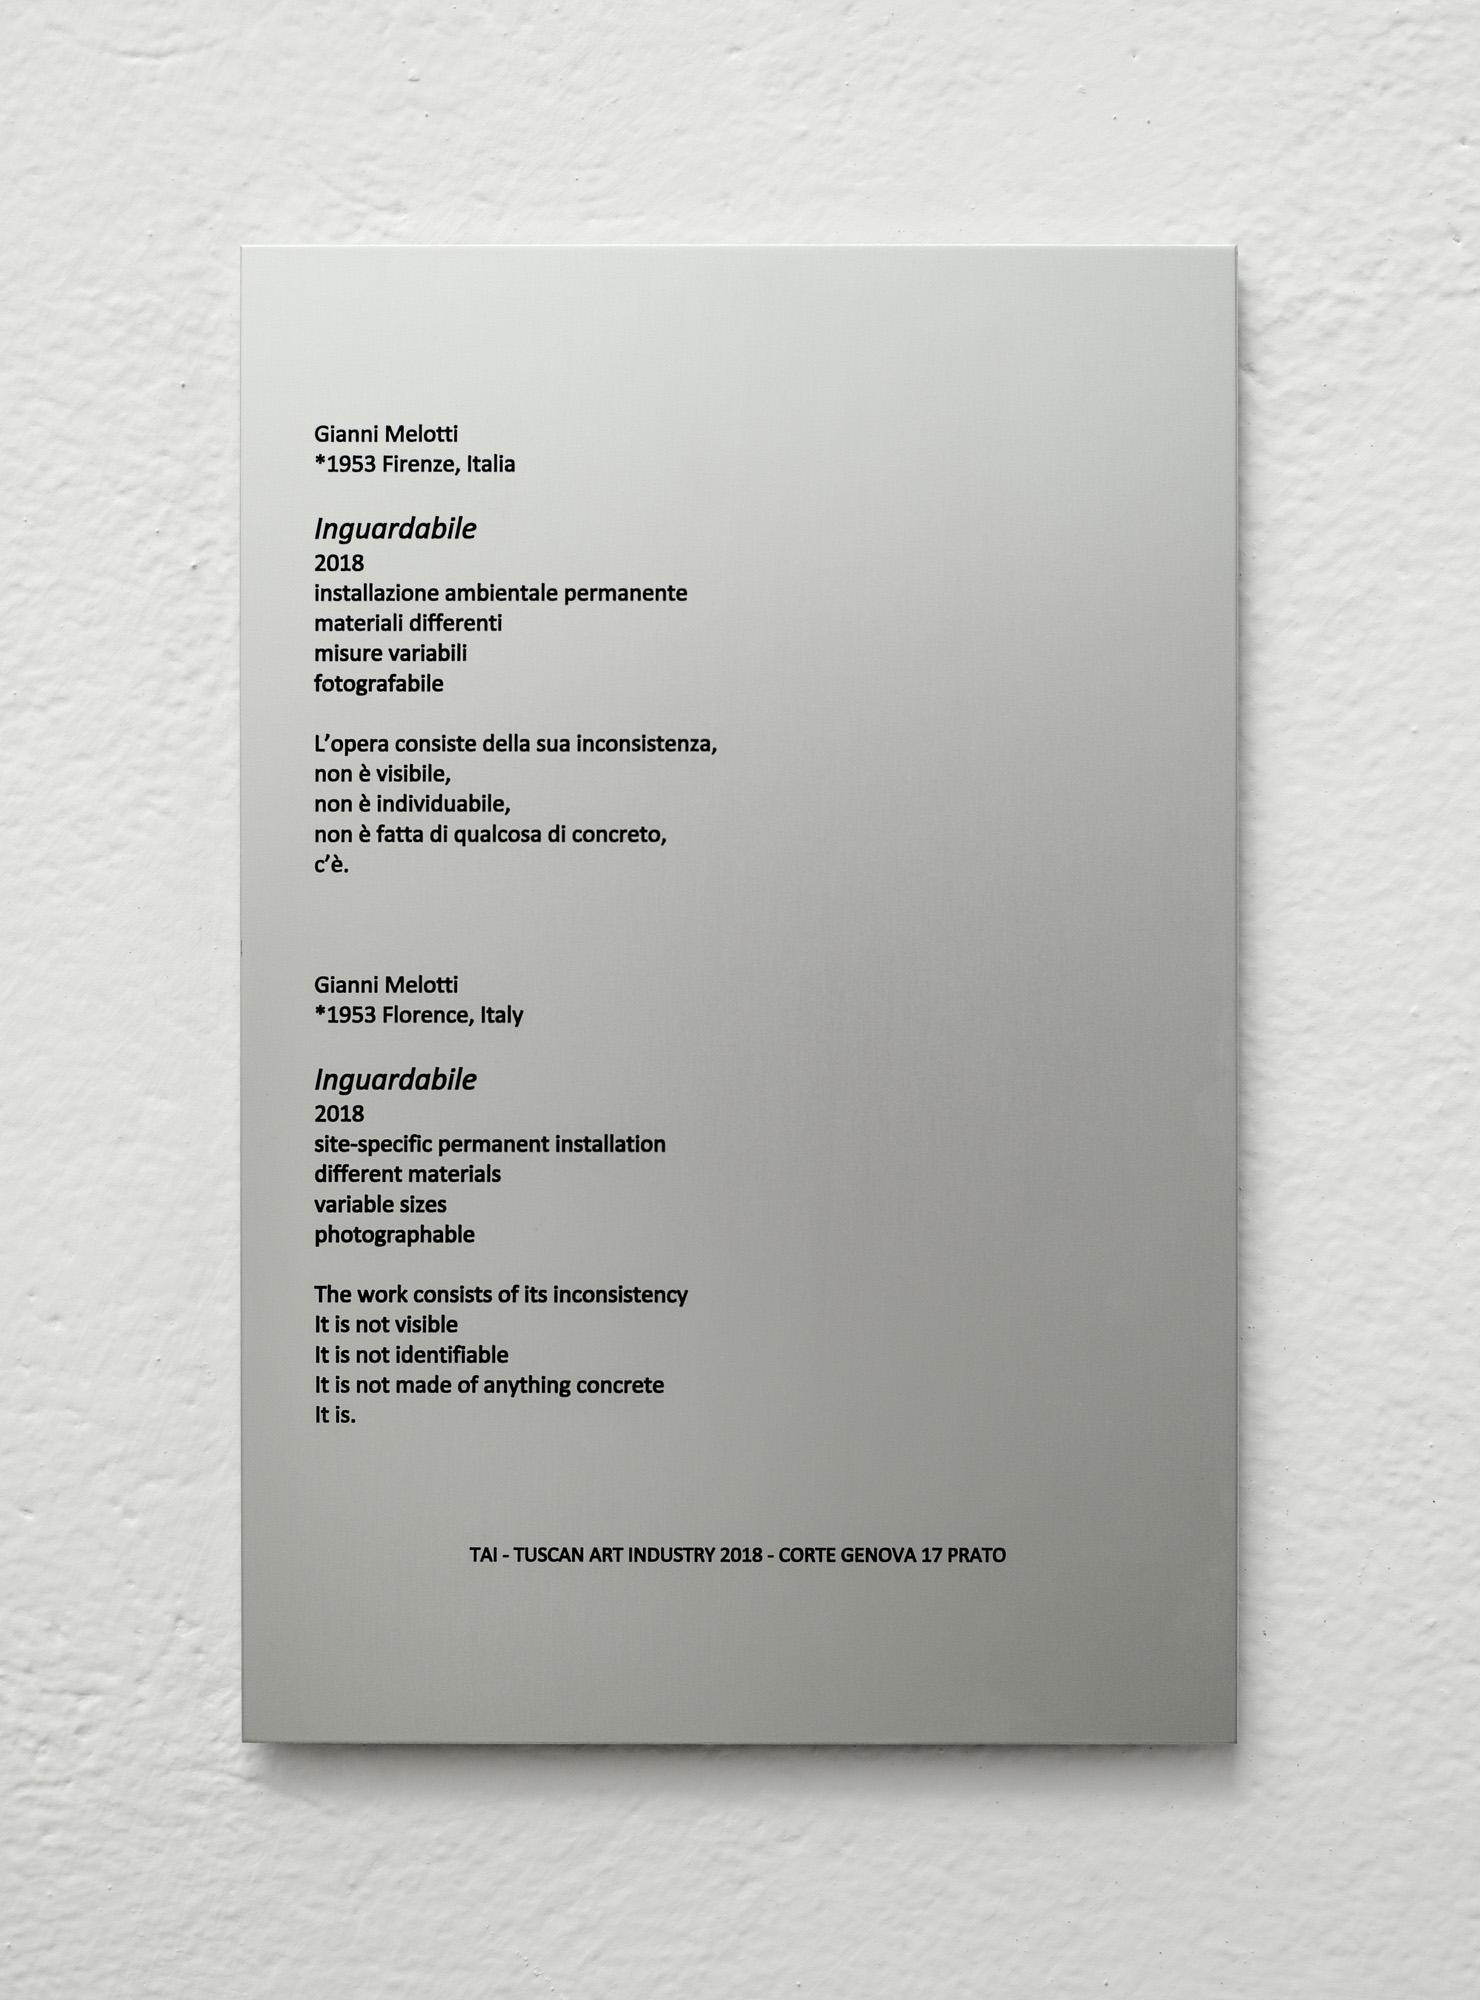 GIANNI MELOTTI INGUARDABILE_TAI, 2018, alluminio anodizzato con incisione, 30x20cm_1.JPG